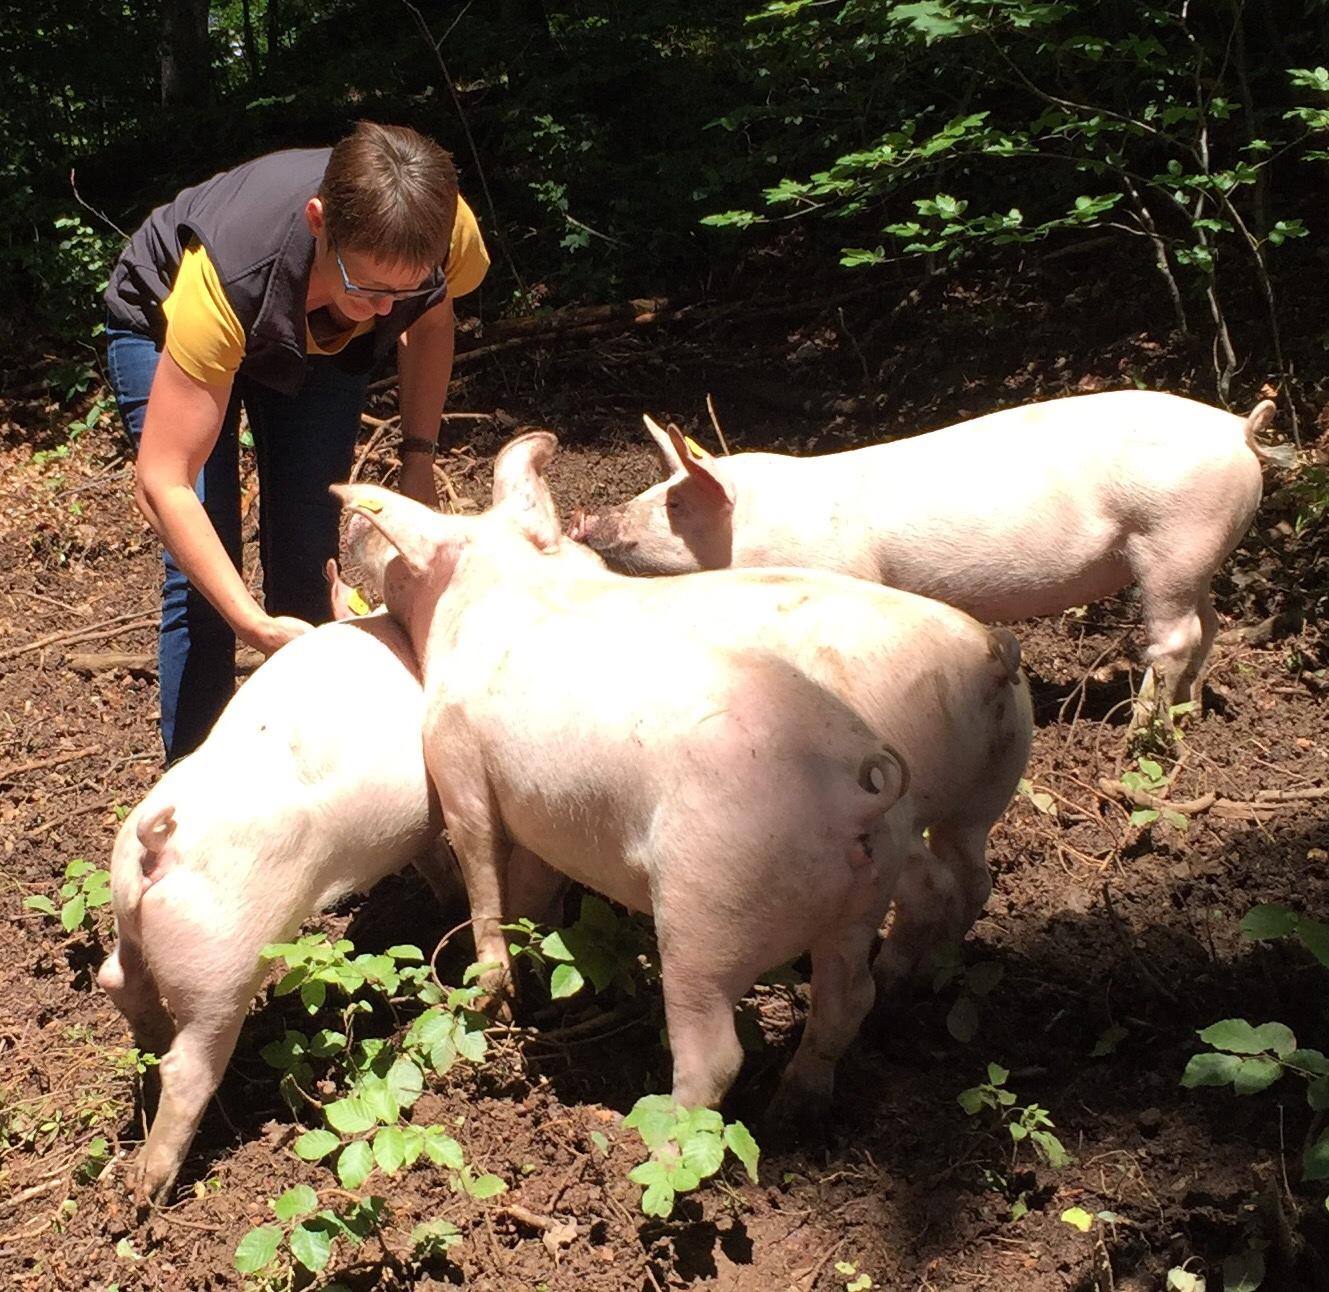 Vorarlberger Tierschutzpreisträgerin Sieglinde Breuss aus Übersaxen mit ihren glücklichen Freilaufschweinen